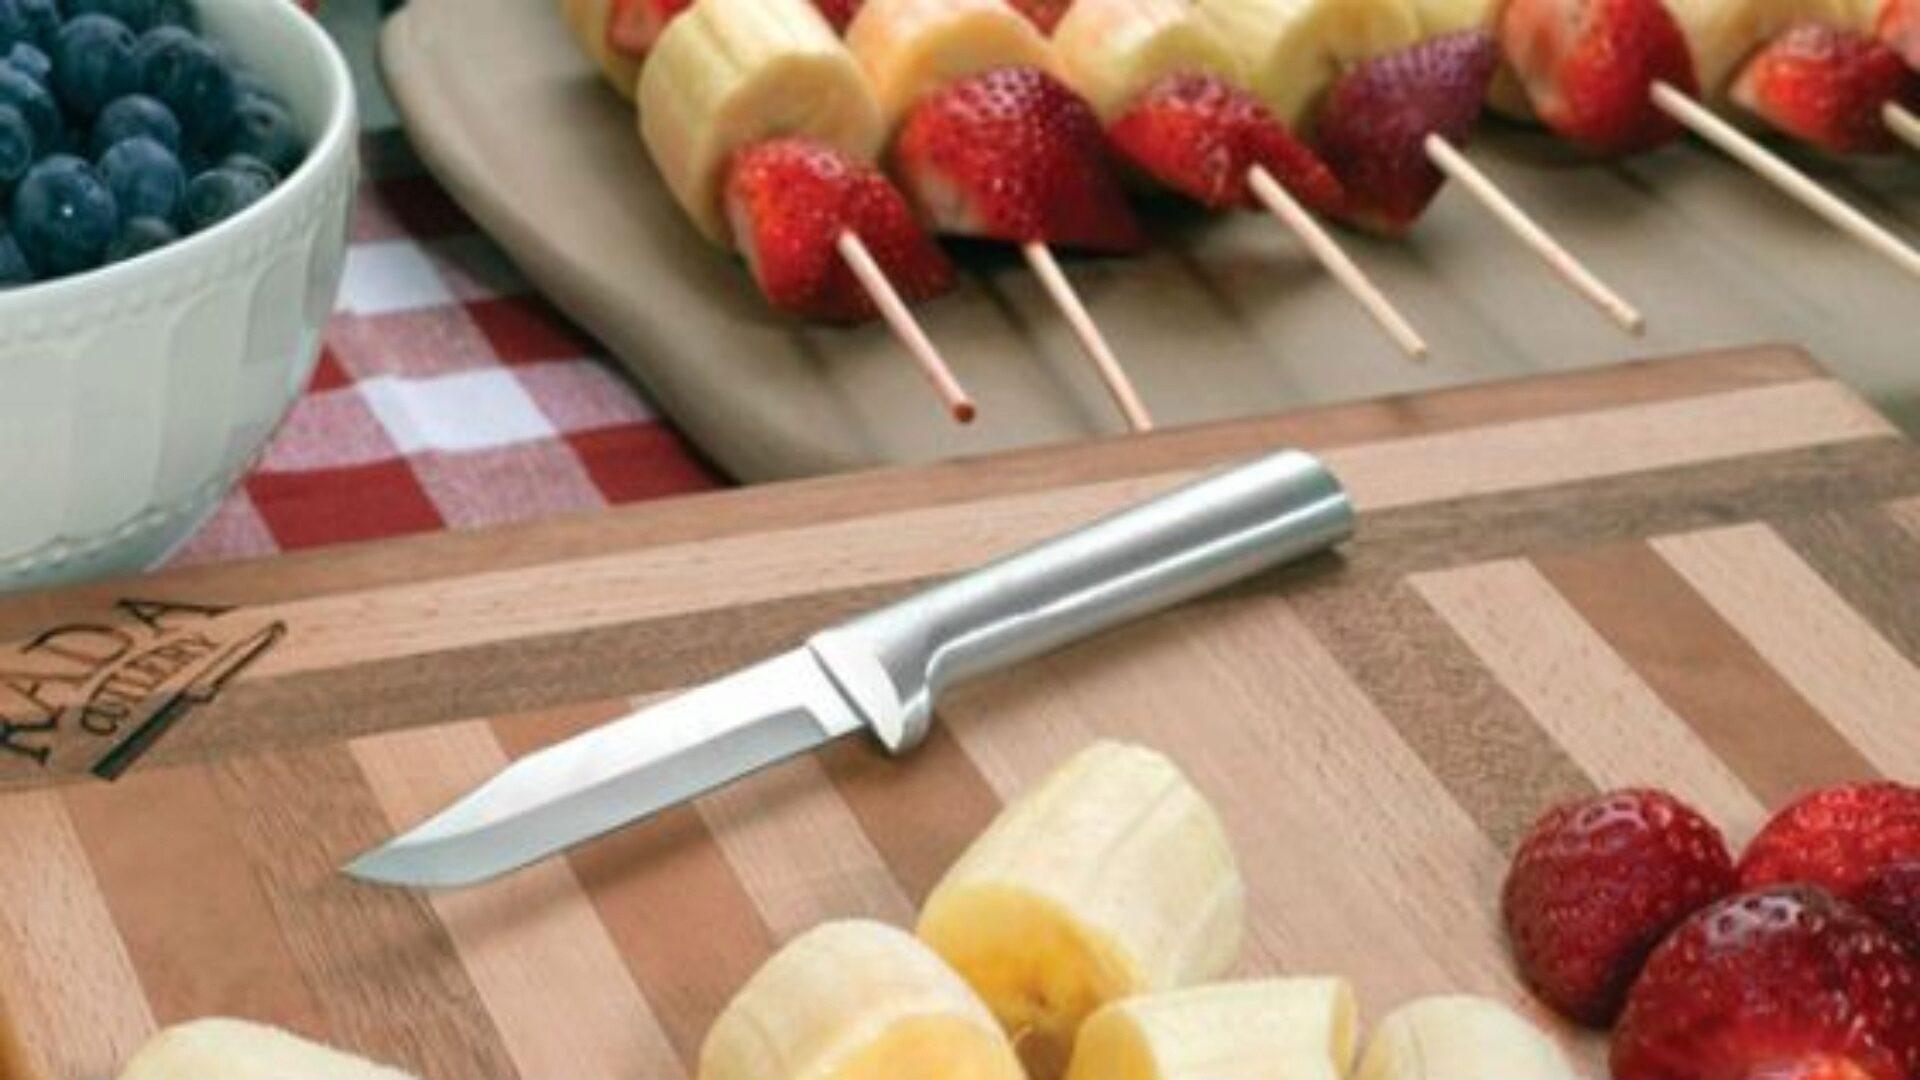 Острый нож упрощает приготовление пищи